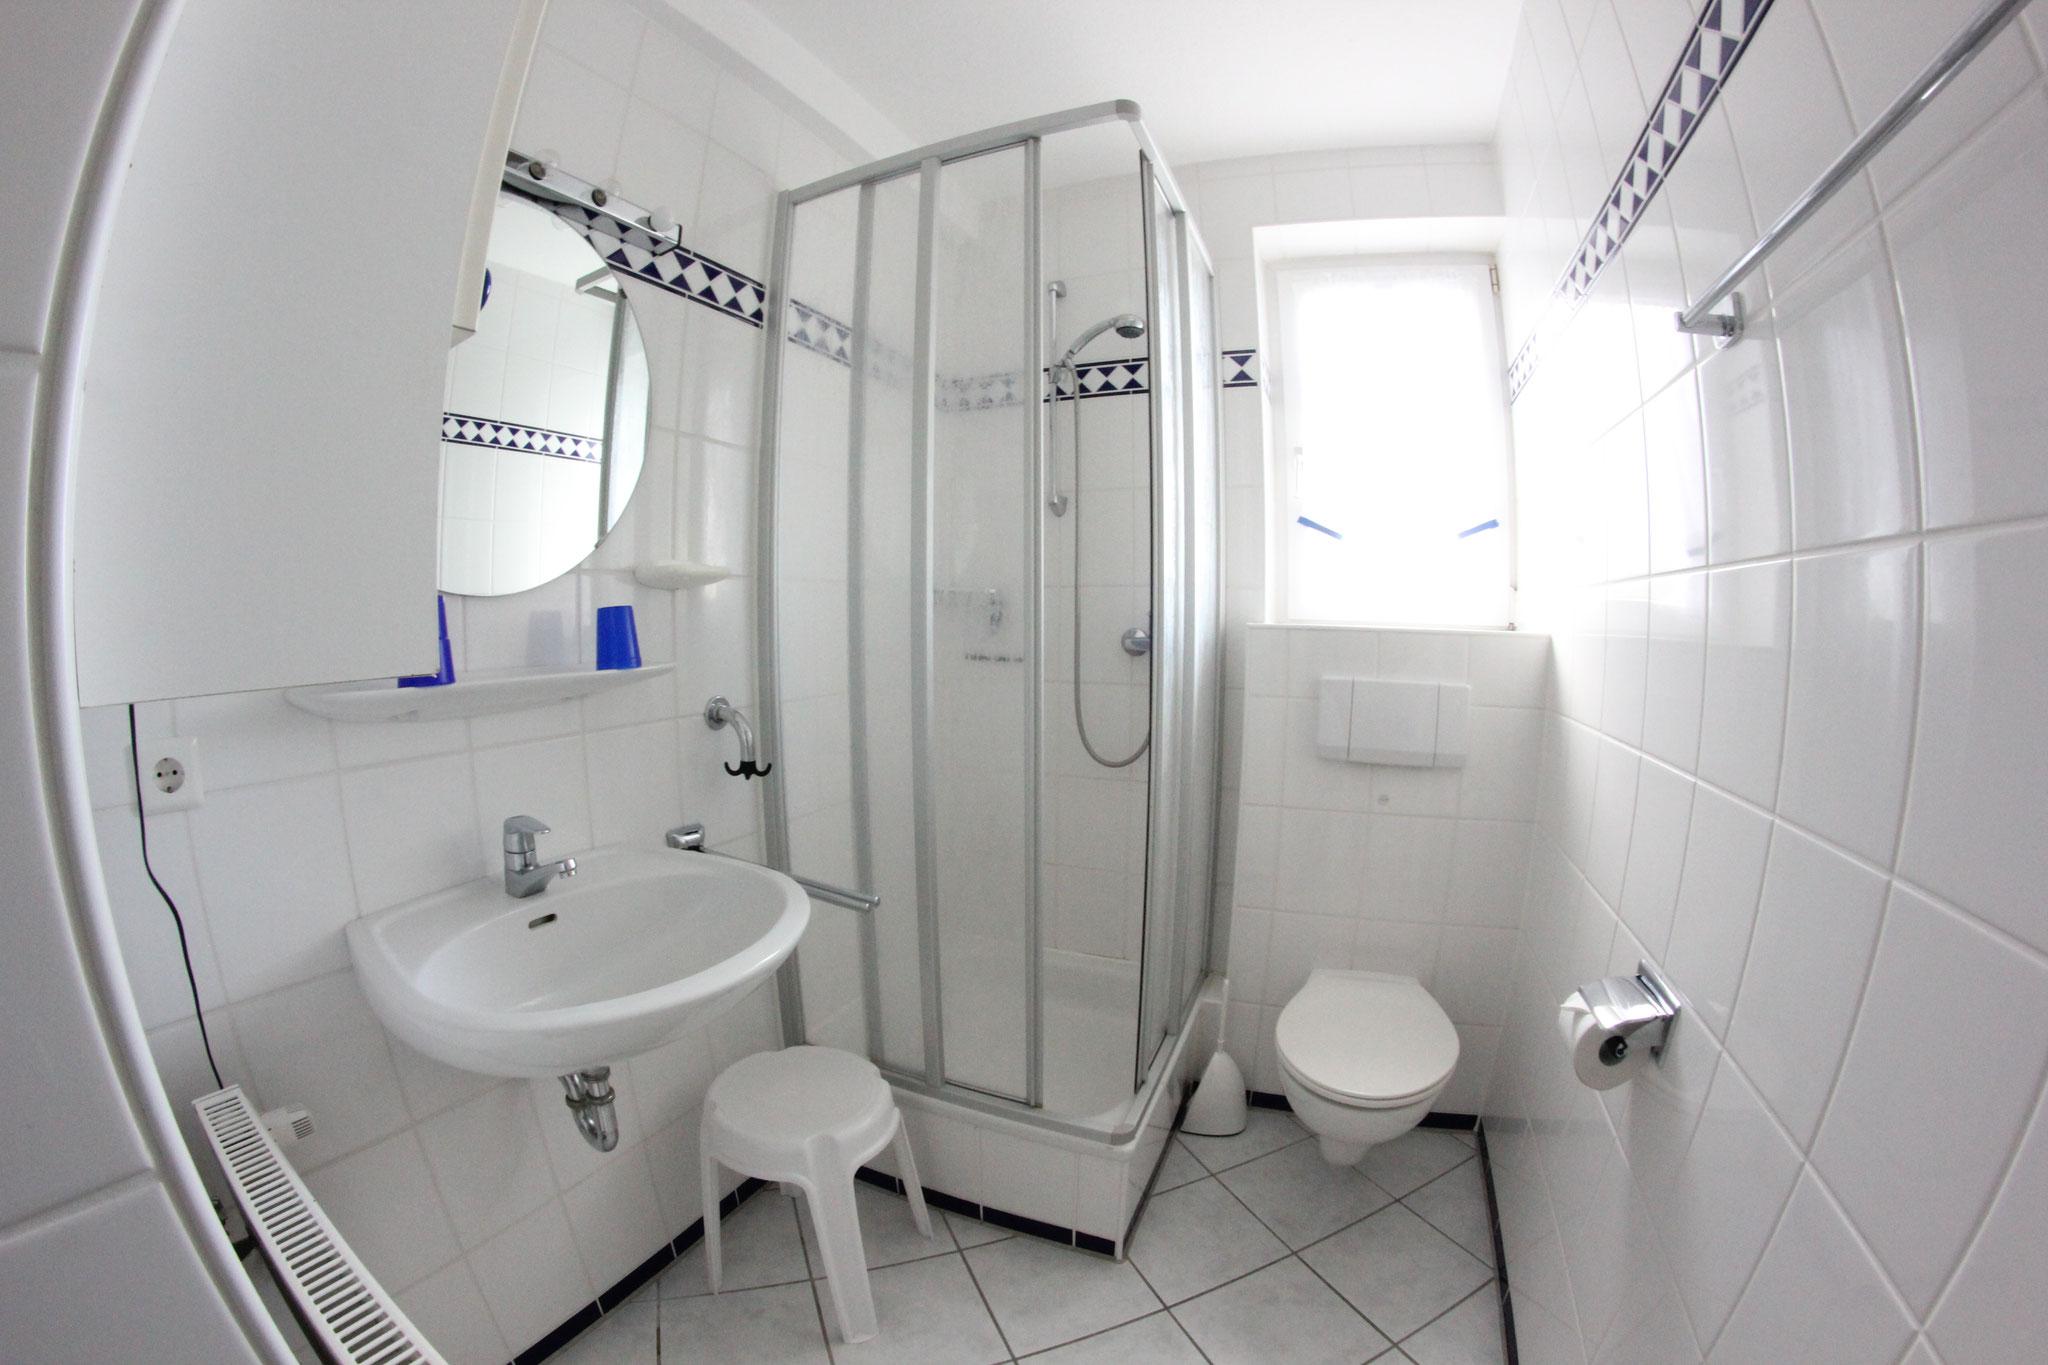 Bad mit Dusche und WC, Fön  - Bad mit Fenster